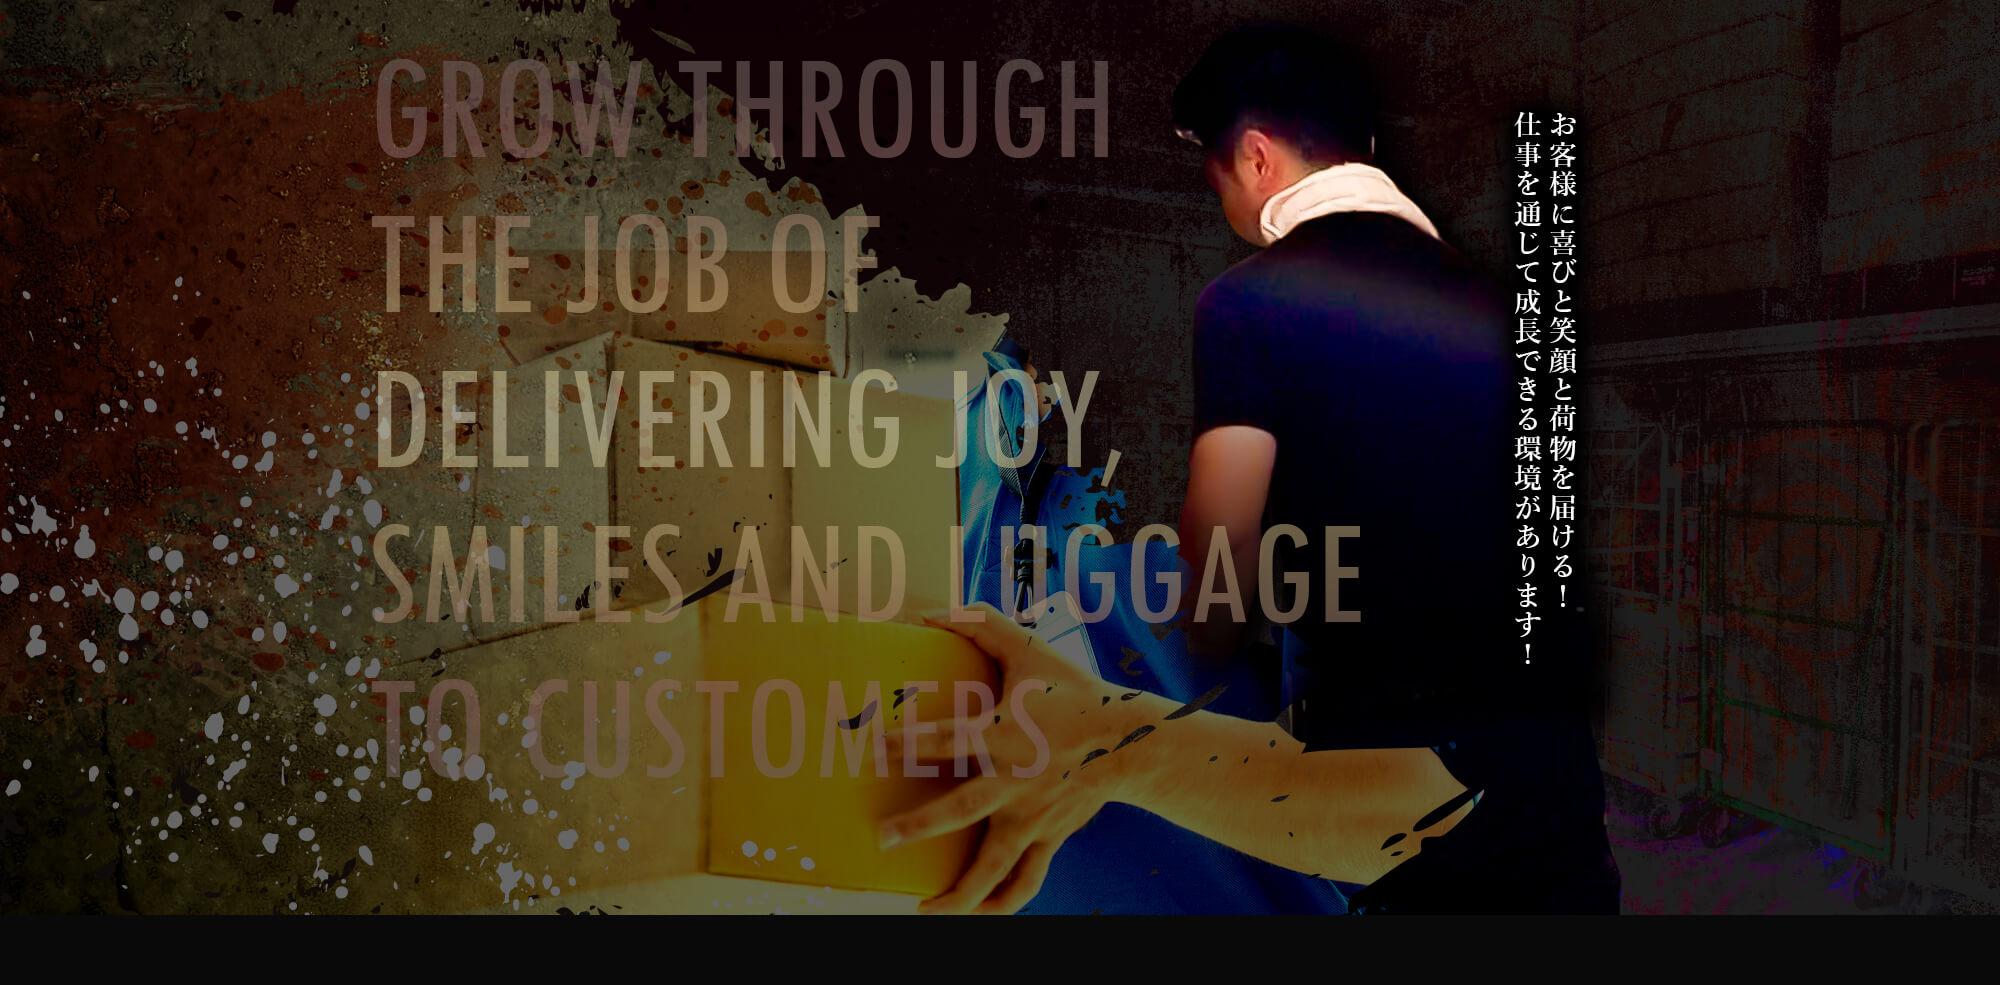 お客様に喜びと笑顔と荷物を届ける!仕事を通じて成長できる環境があります!